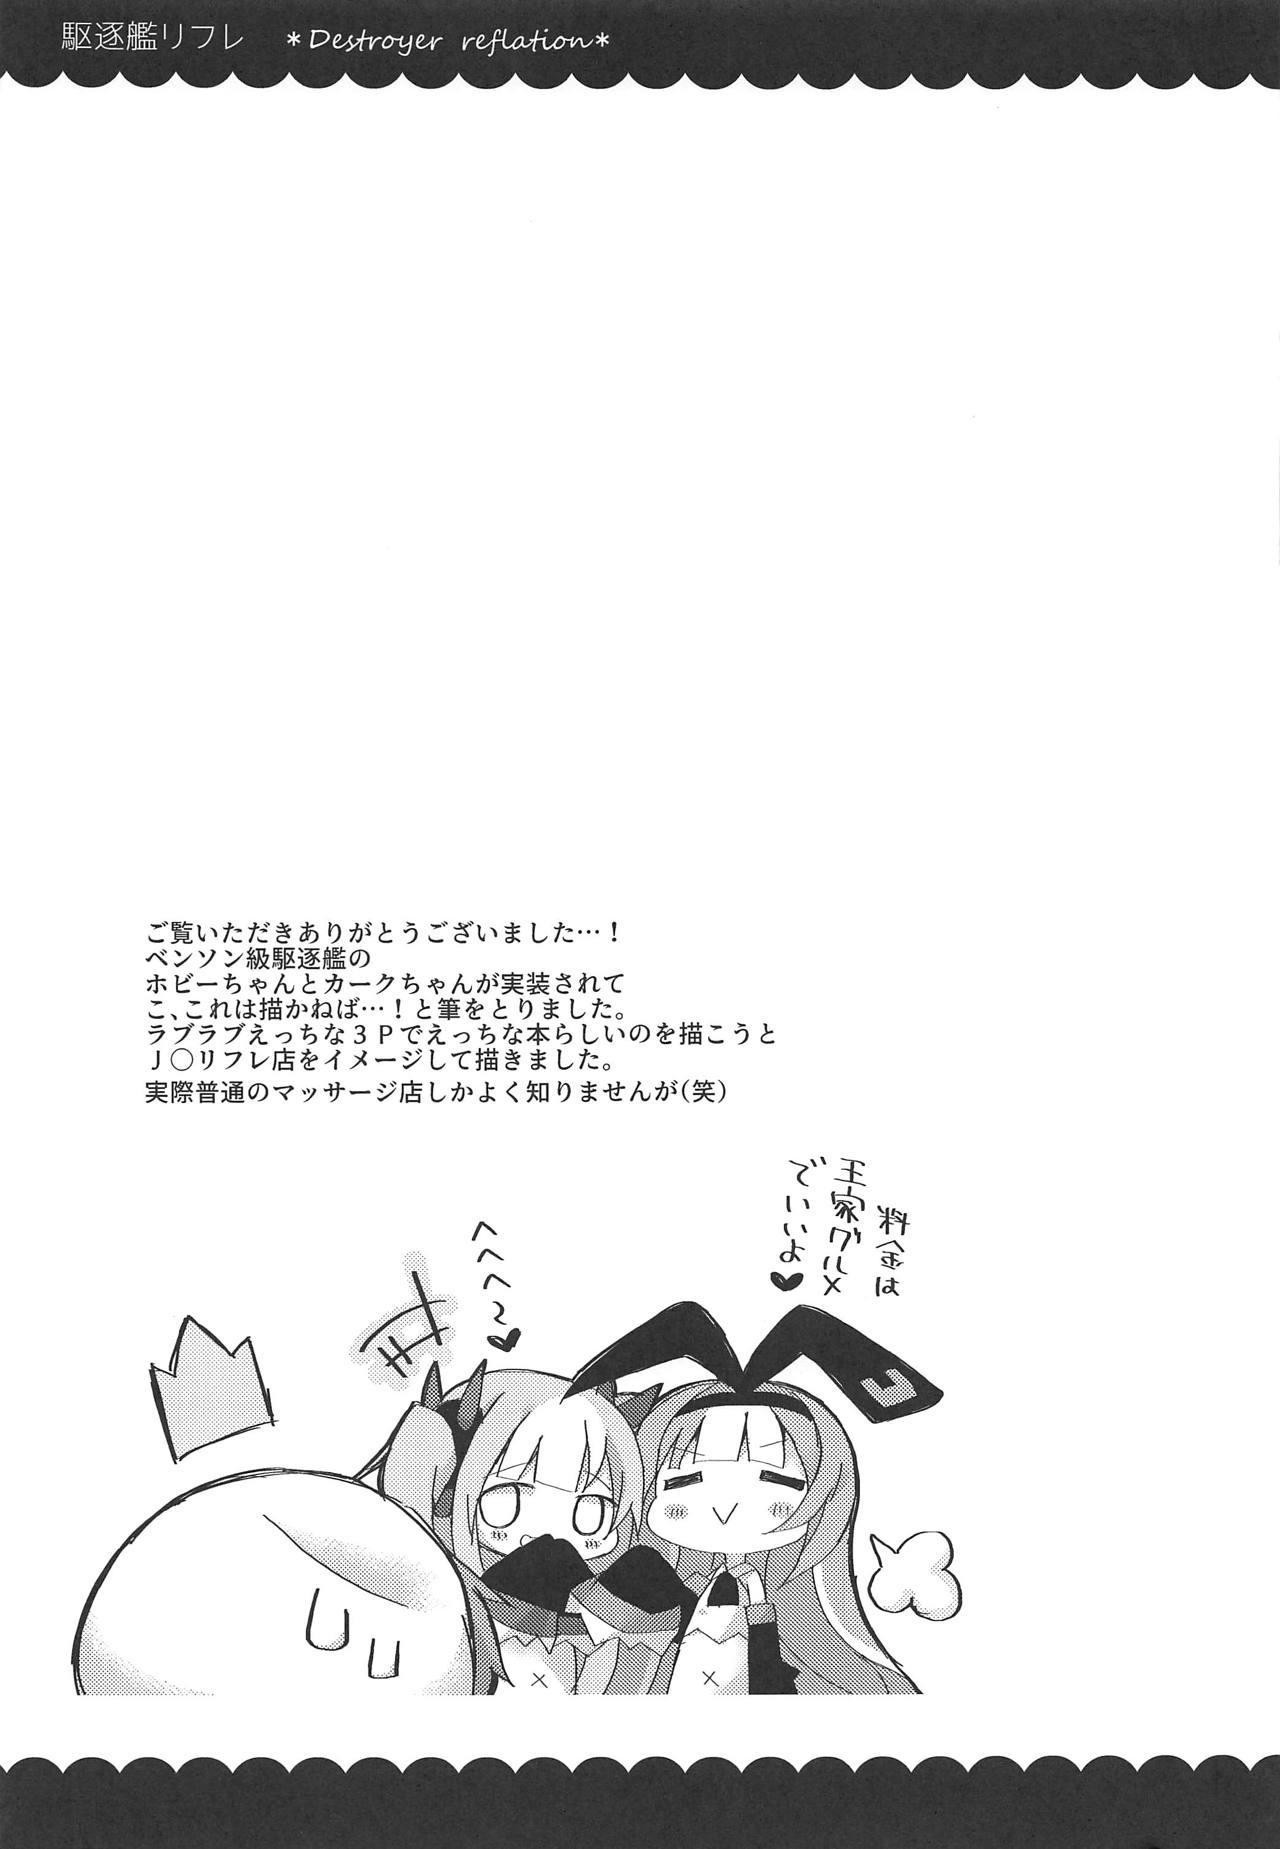 Kalk to Hobby no Kuchikukan Refla 19